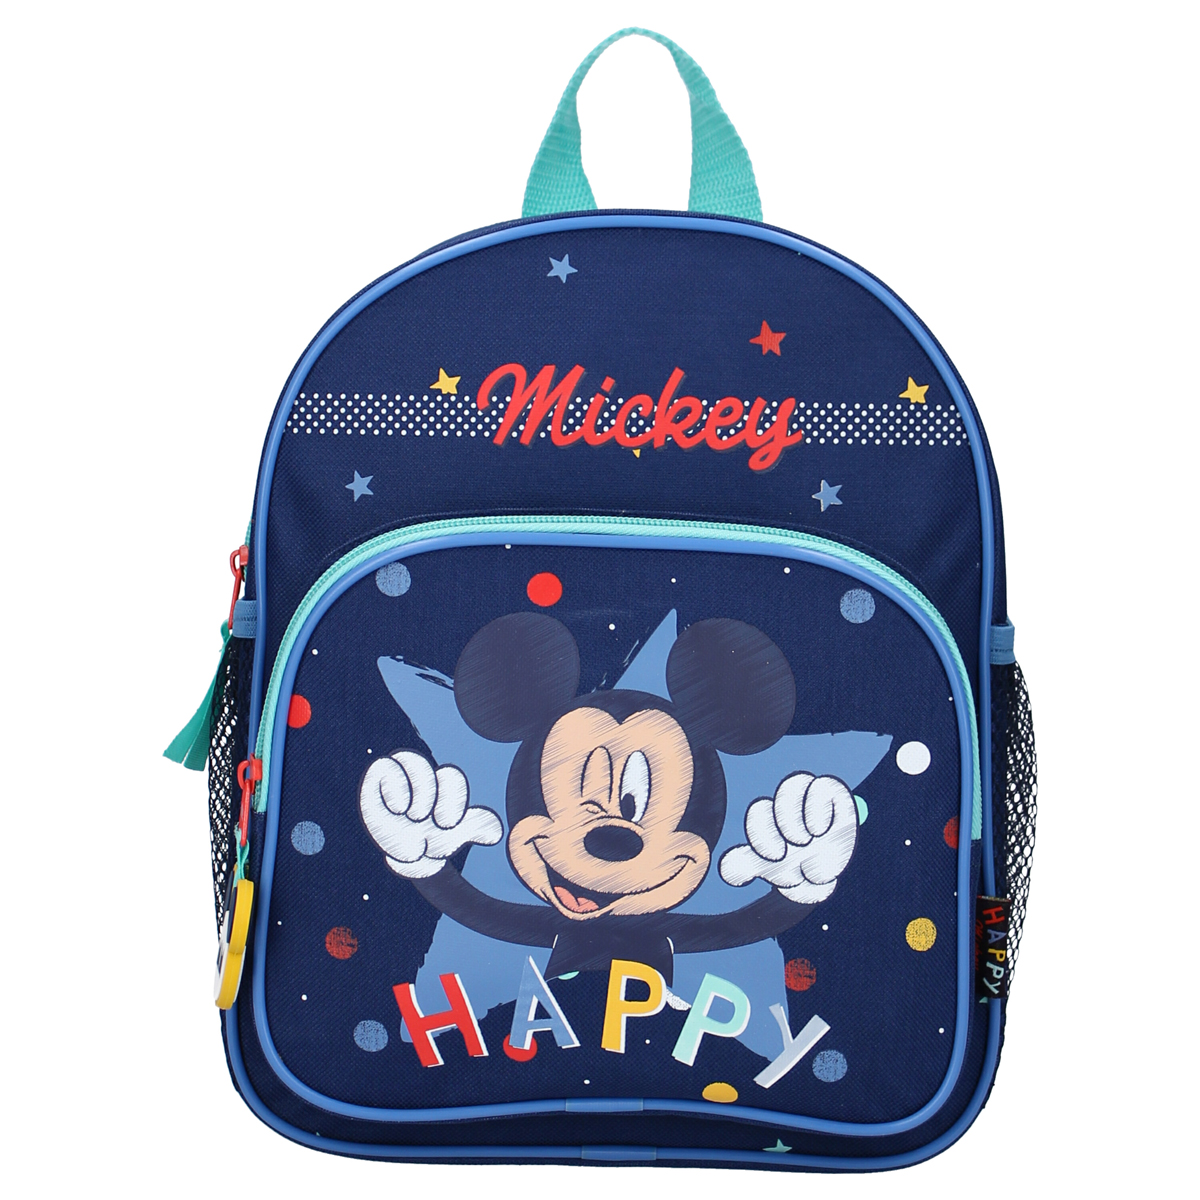 Sac à dos créateur \'Mickey\' marine - 28x22x9 cm - [A0120]